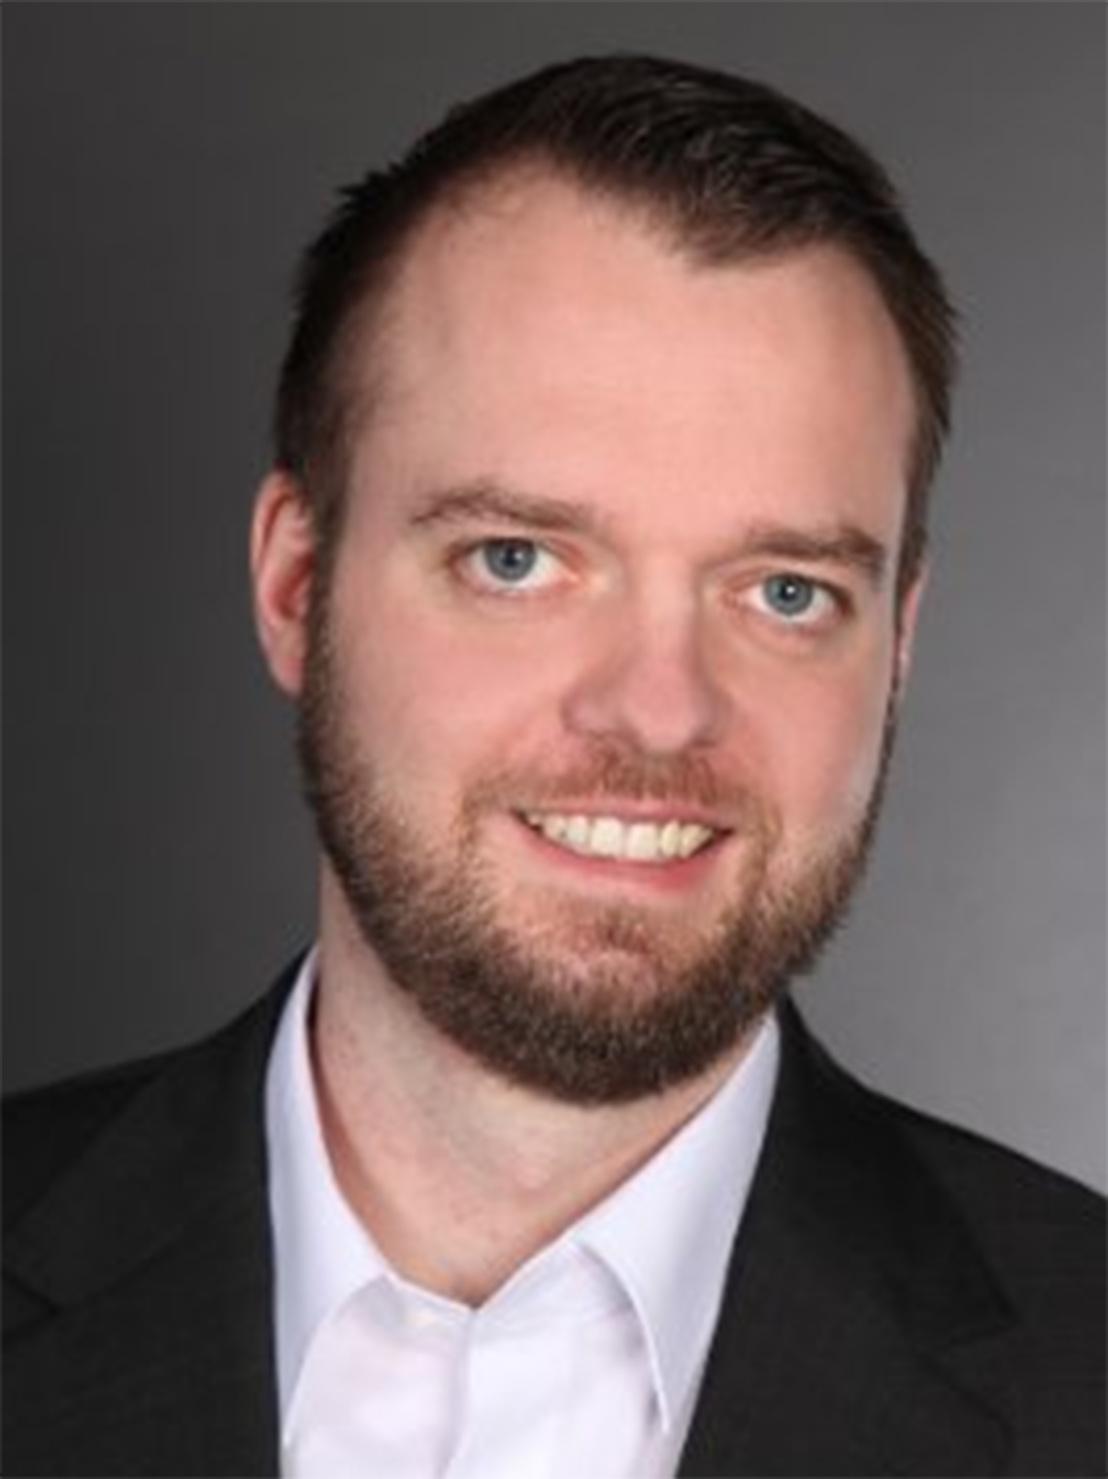 Michael Lehnert